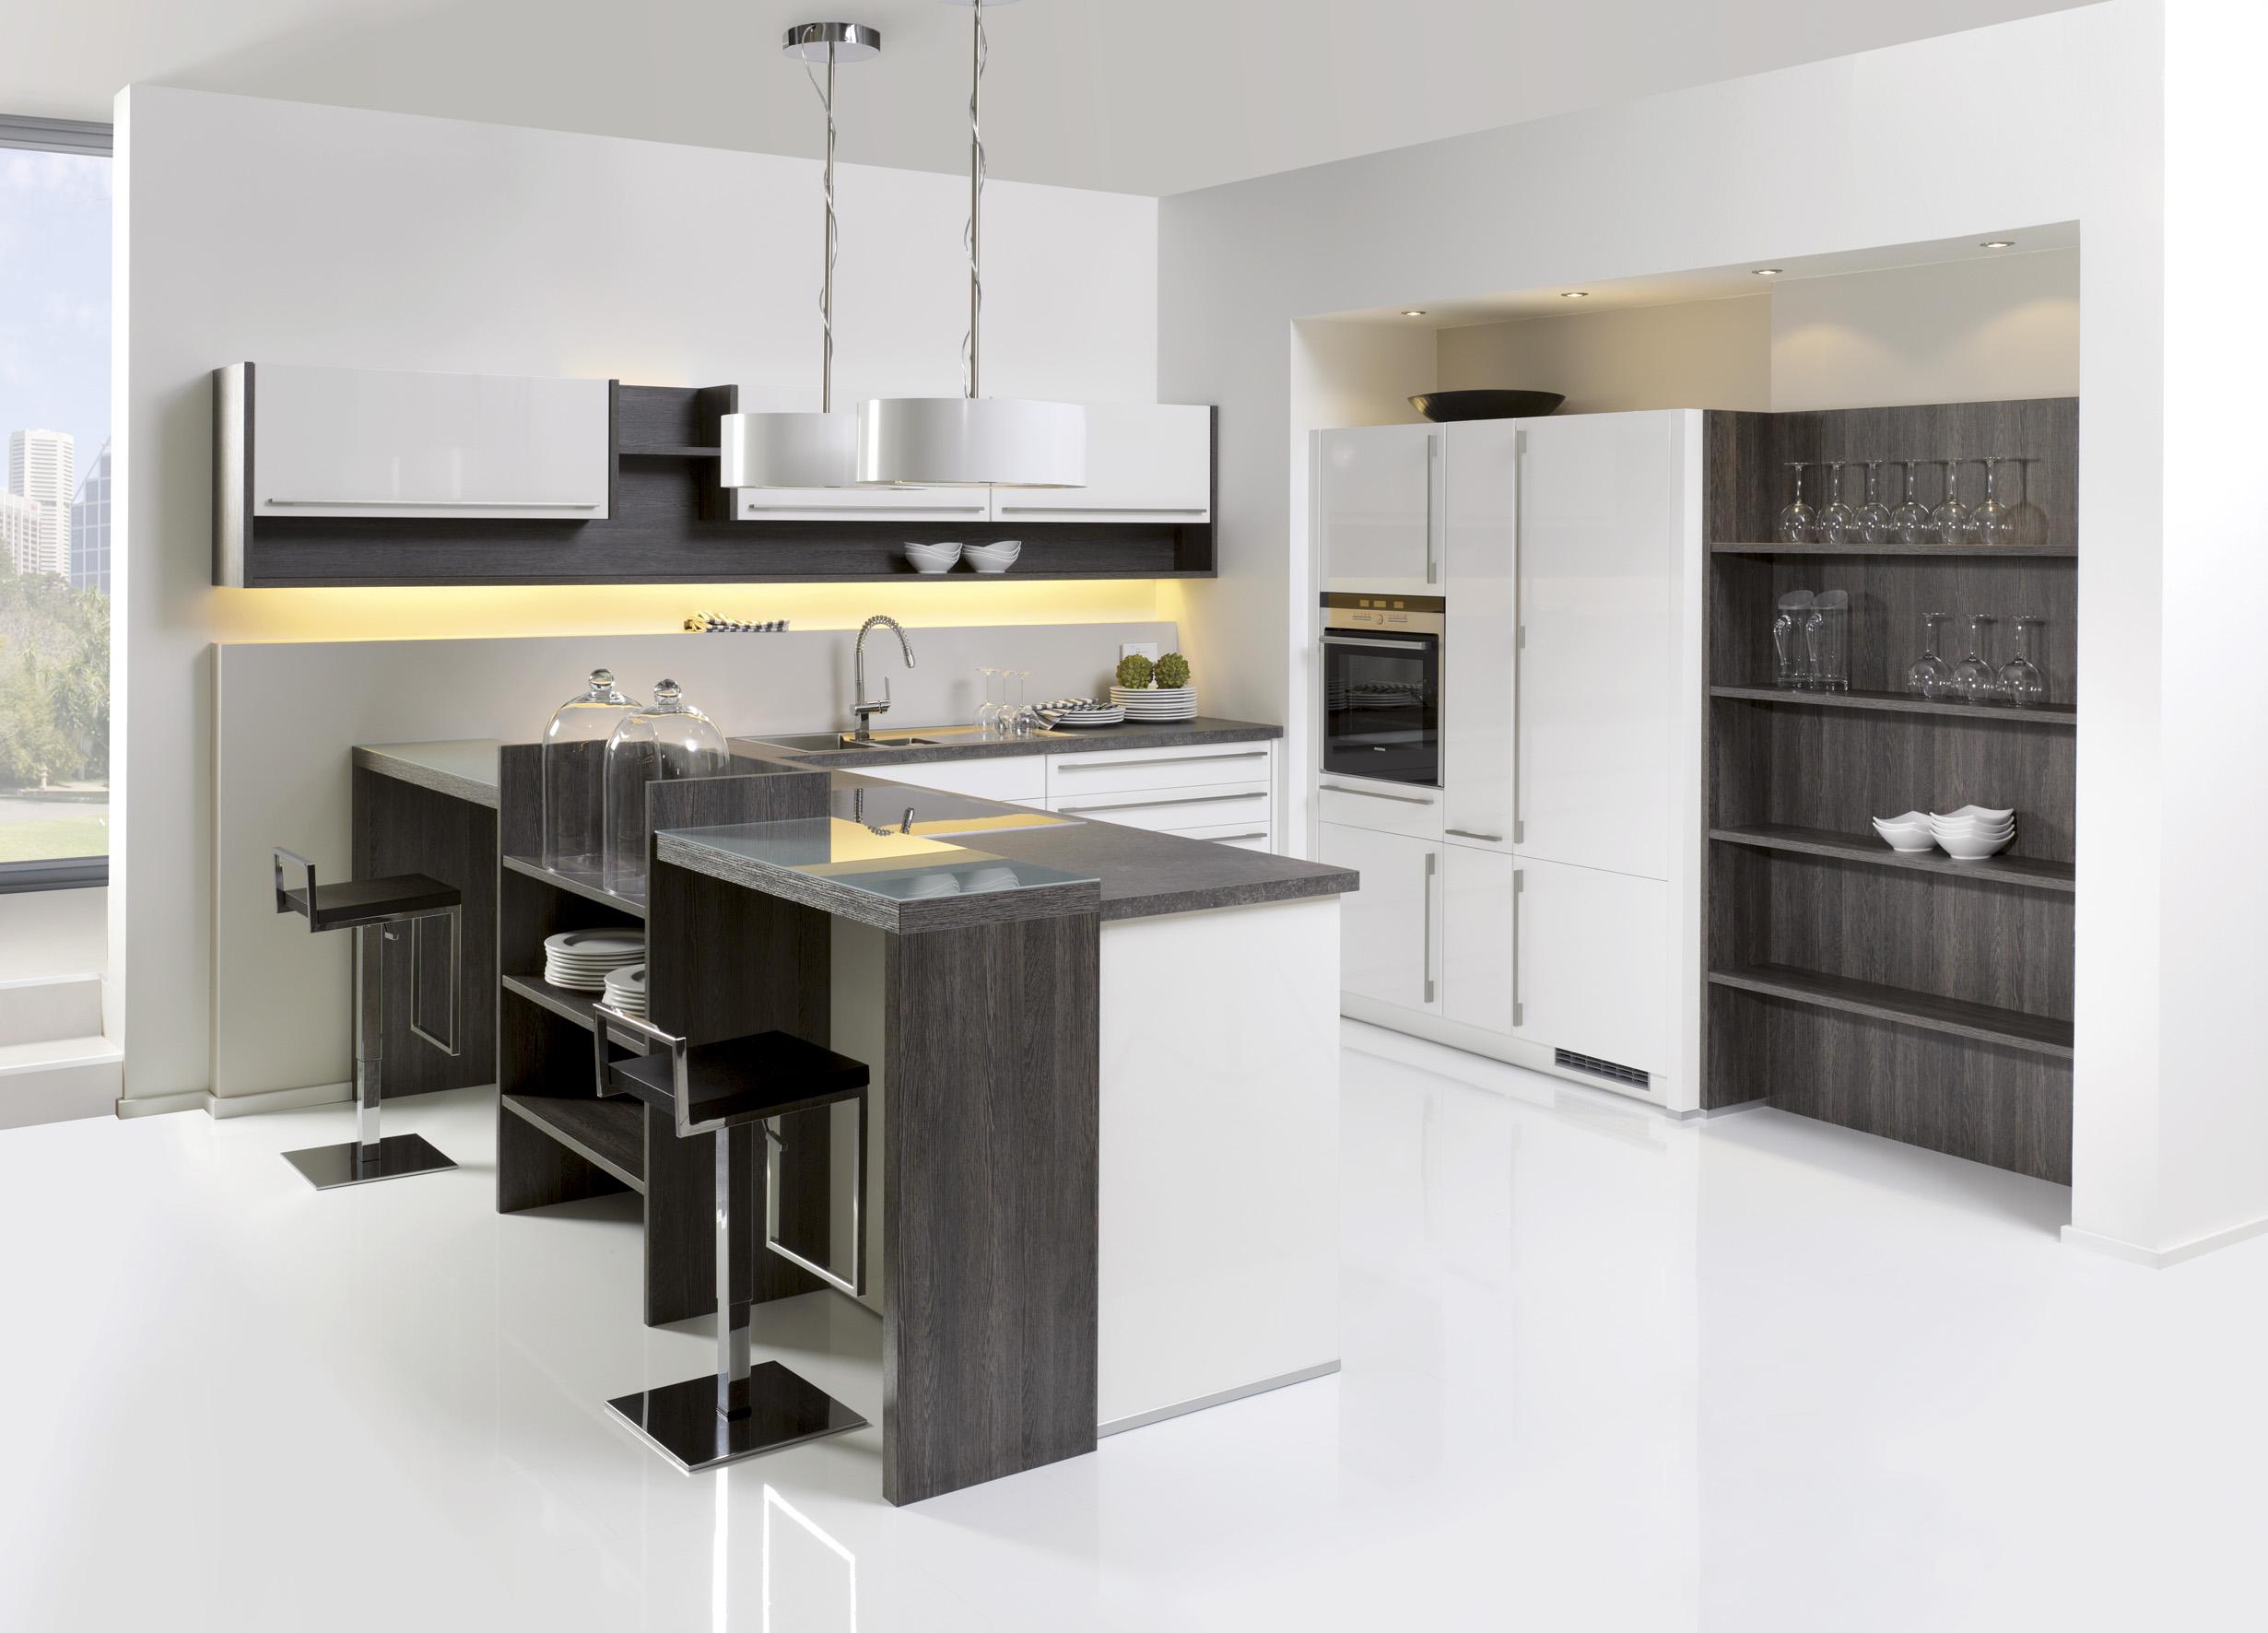 küche aus polen | jtleigh - hausgestaltung ideen